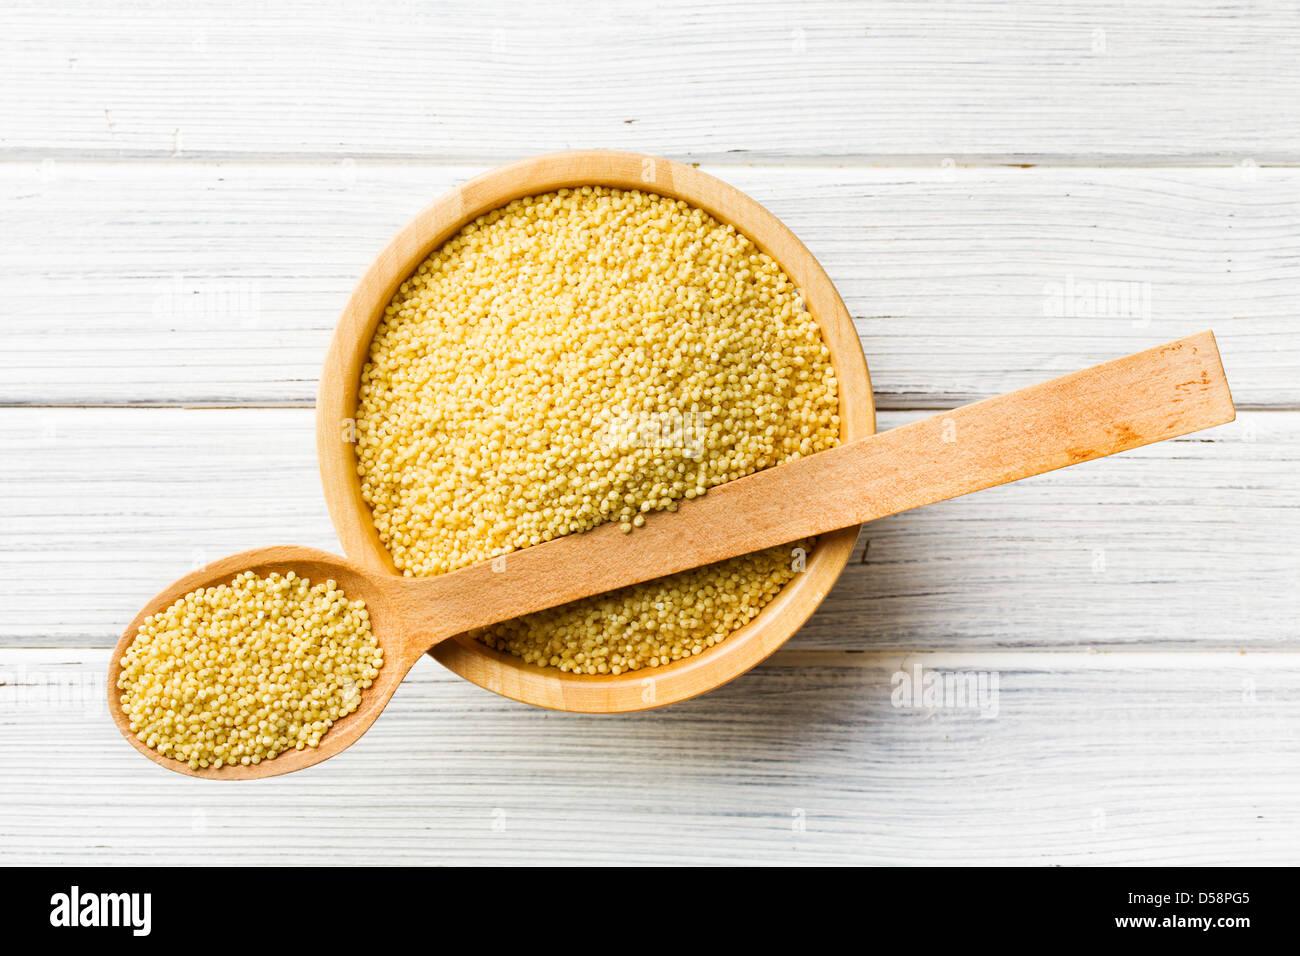 Le millet dans une cuillère en bois Photo Stock